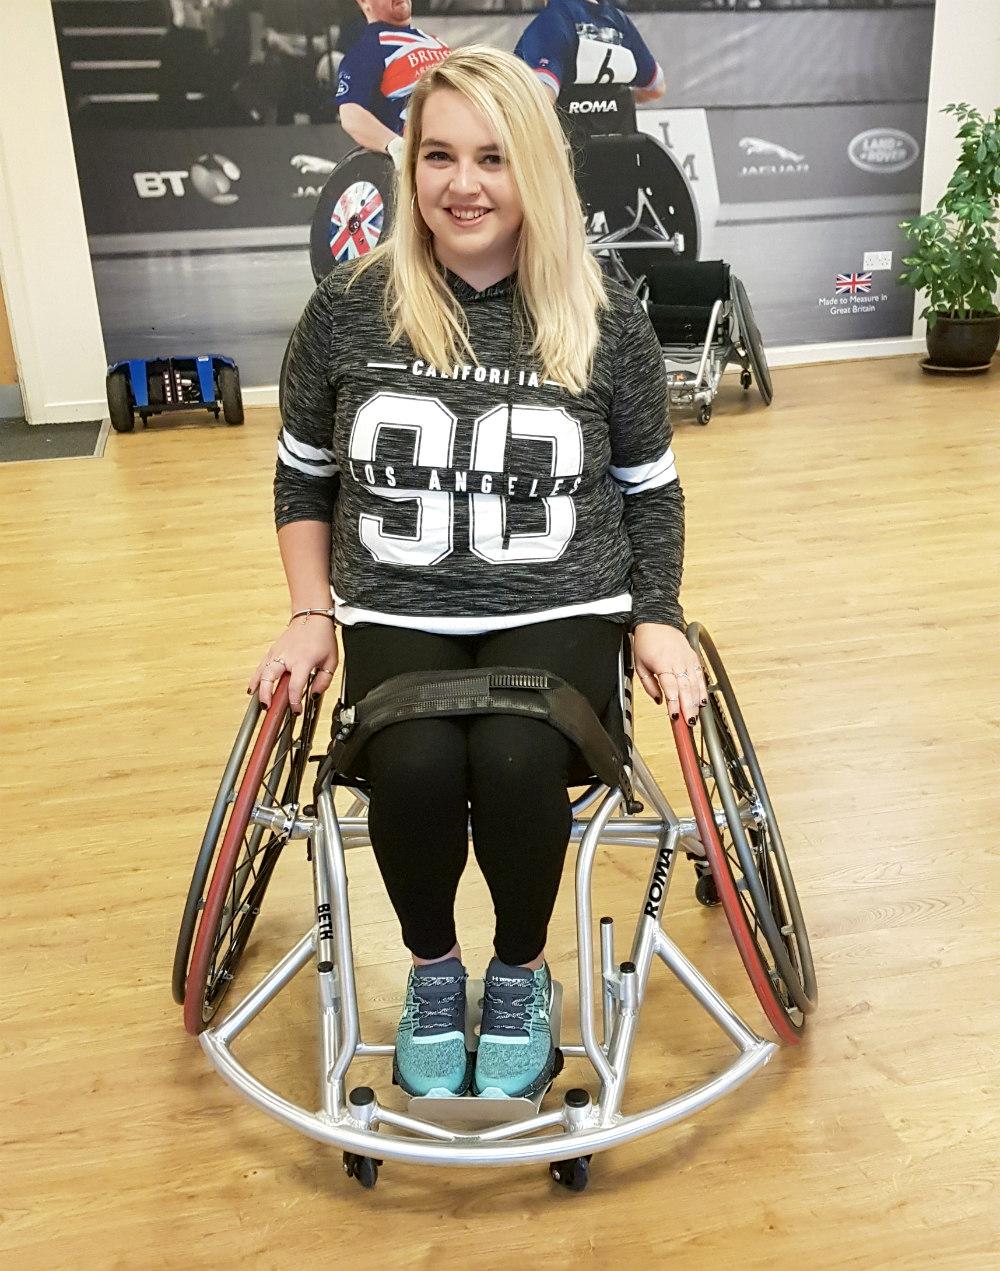 Roma Elite Pro Basketball Wheelchair